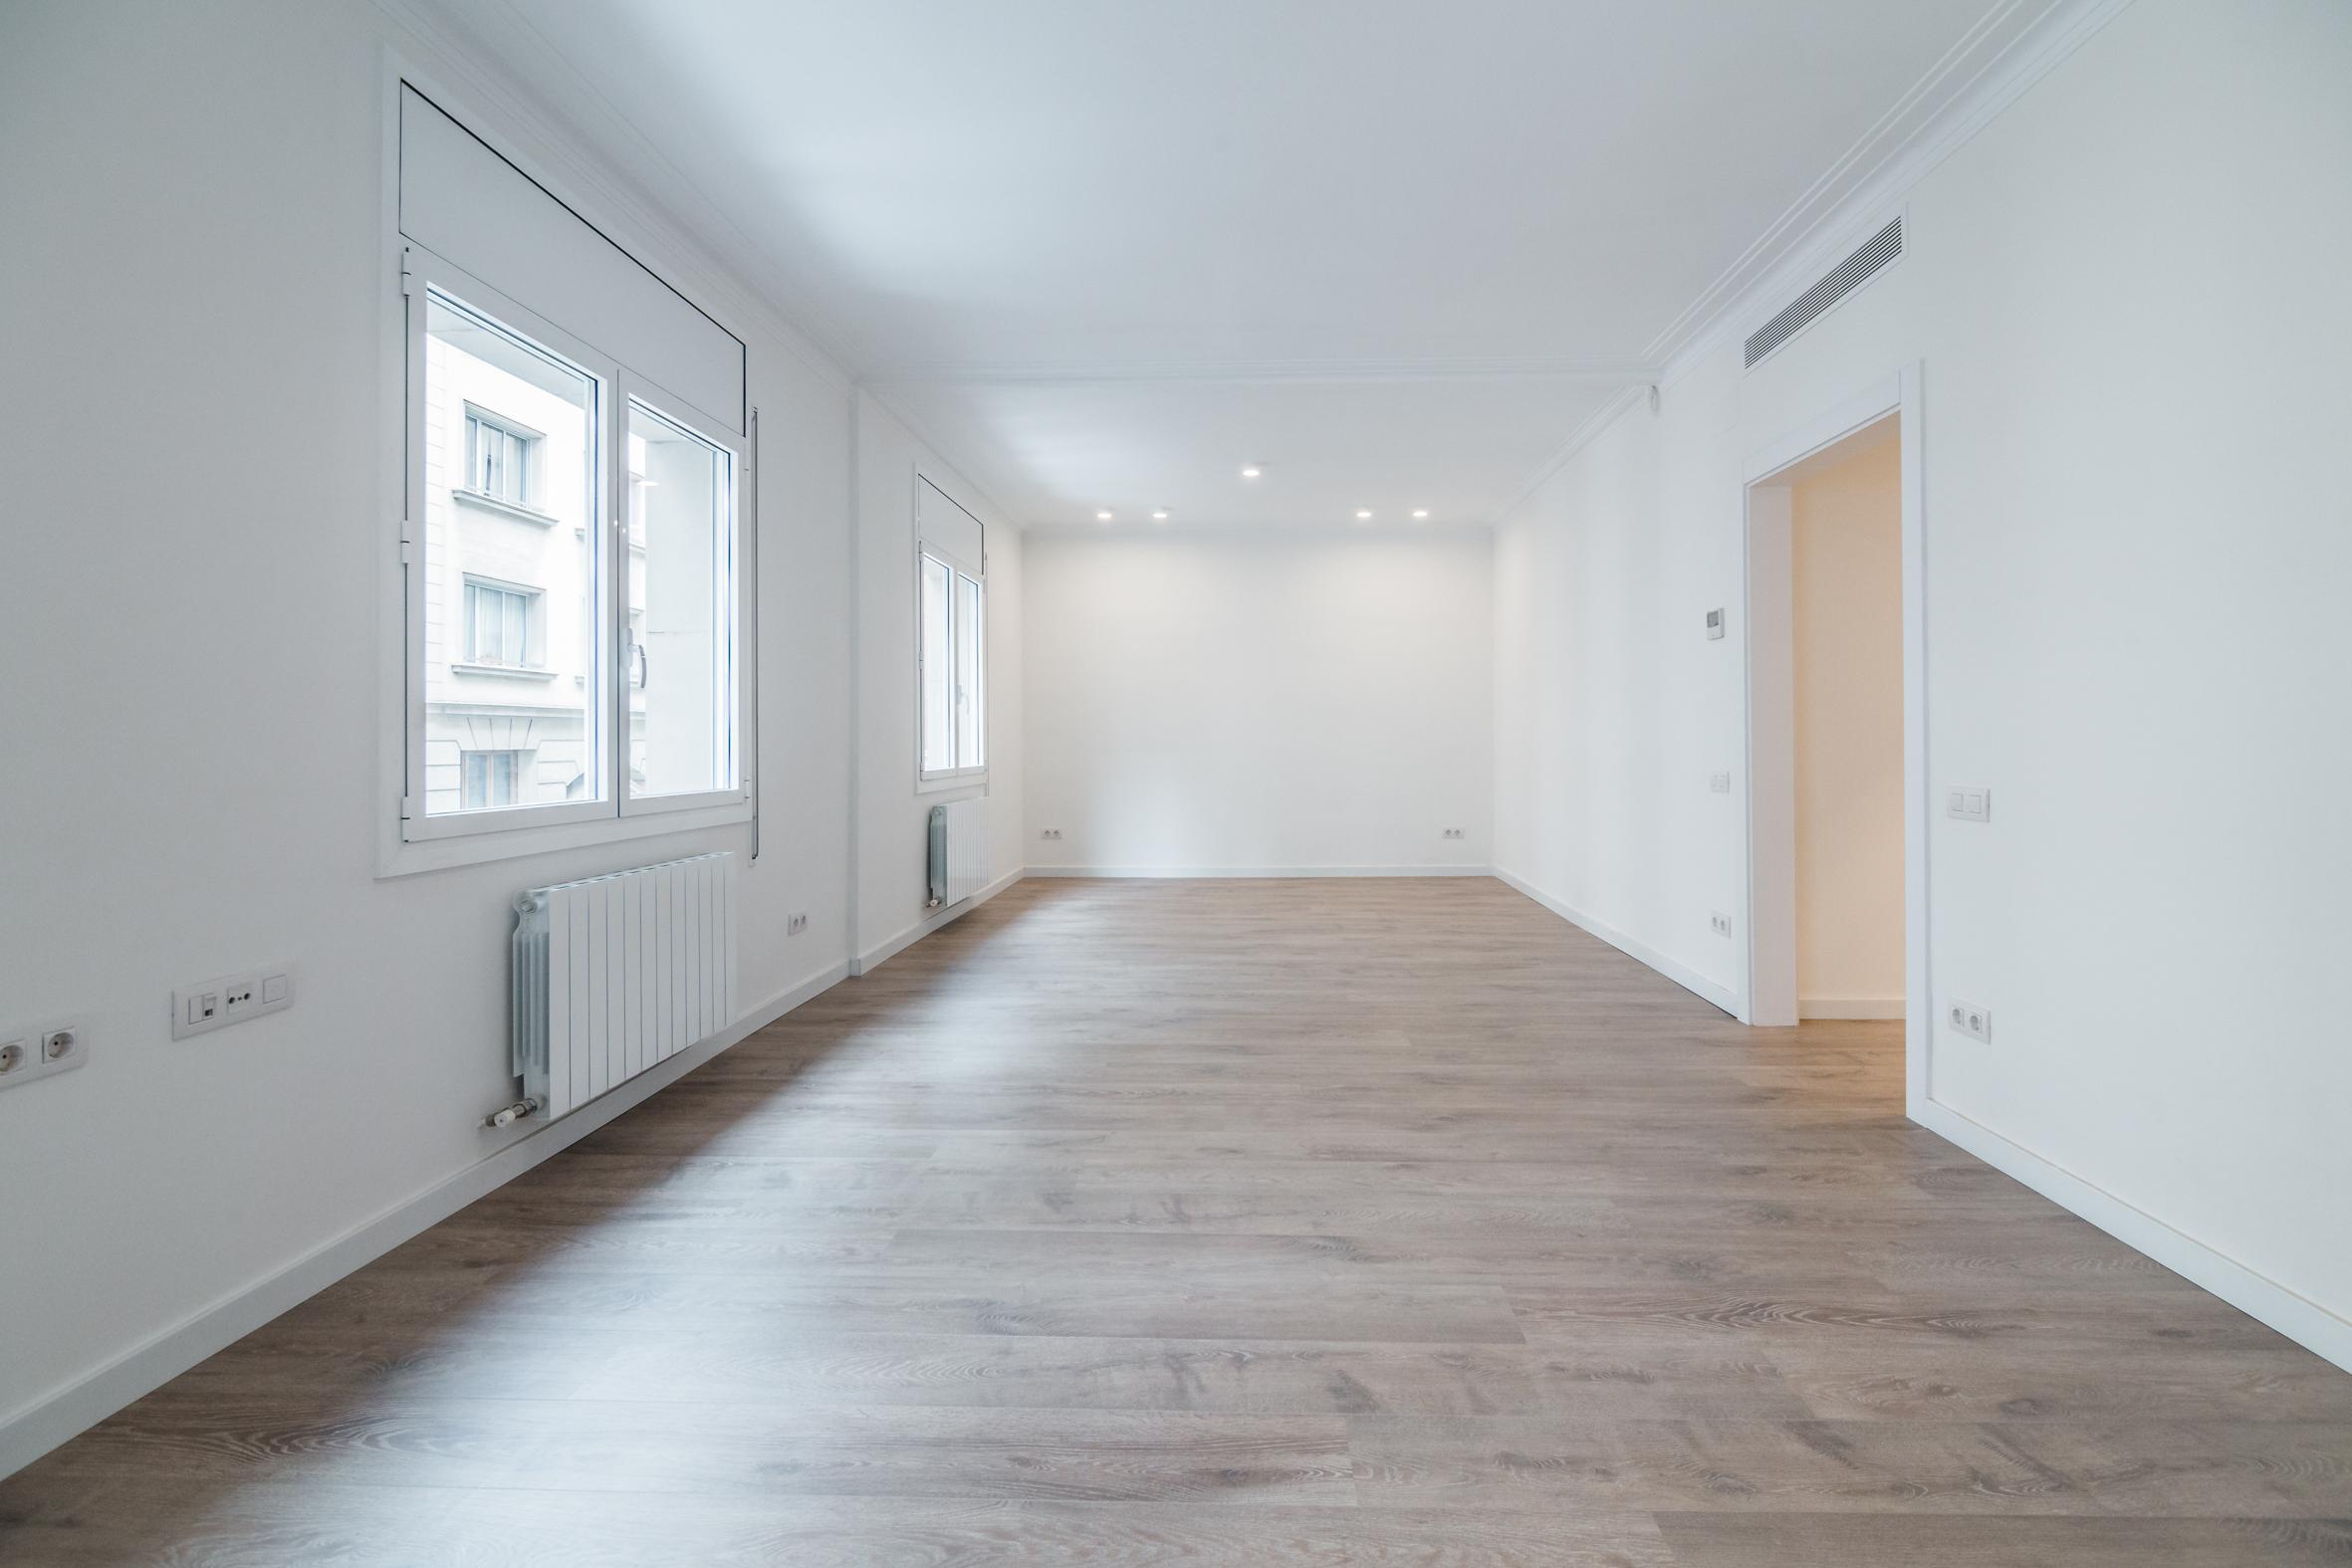 202959 Apartamento en venda en Sarrià-Sant Gervasi, St. Gervasi-Bonanova 1